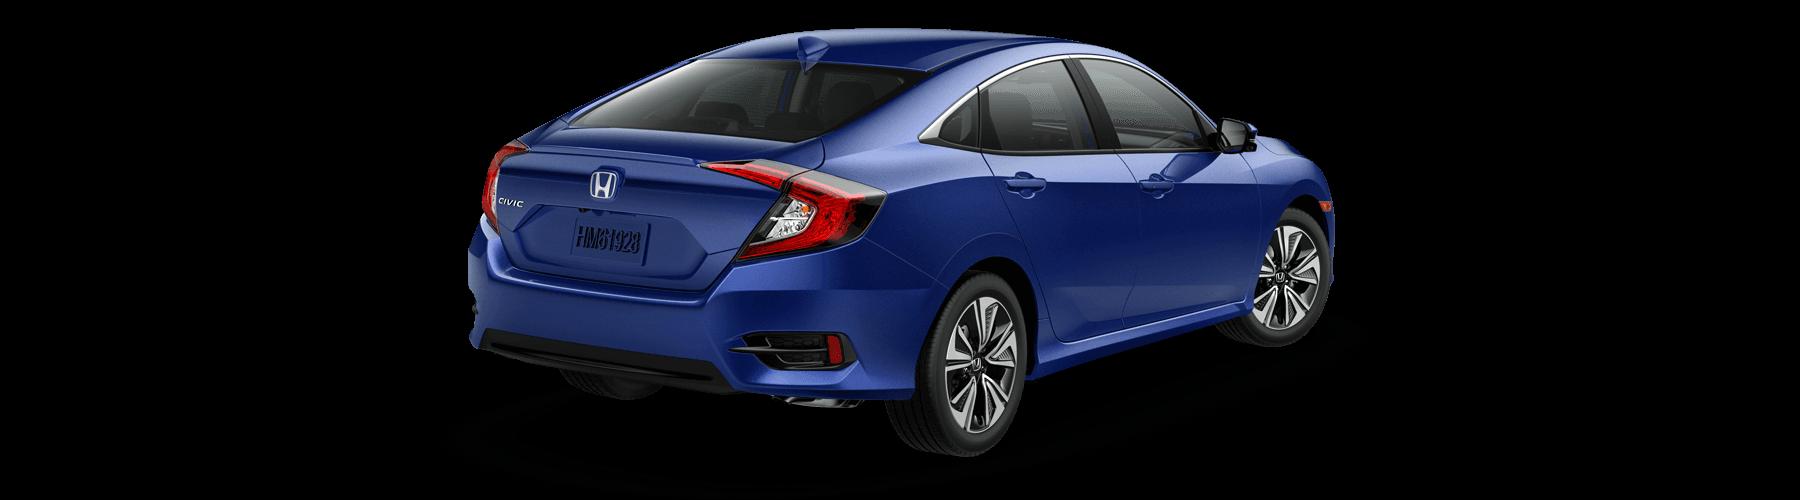 Toyota Salem Nh >> 2018 Honda Civic Sedan | New England Honda Dealers | Civic